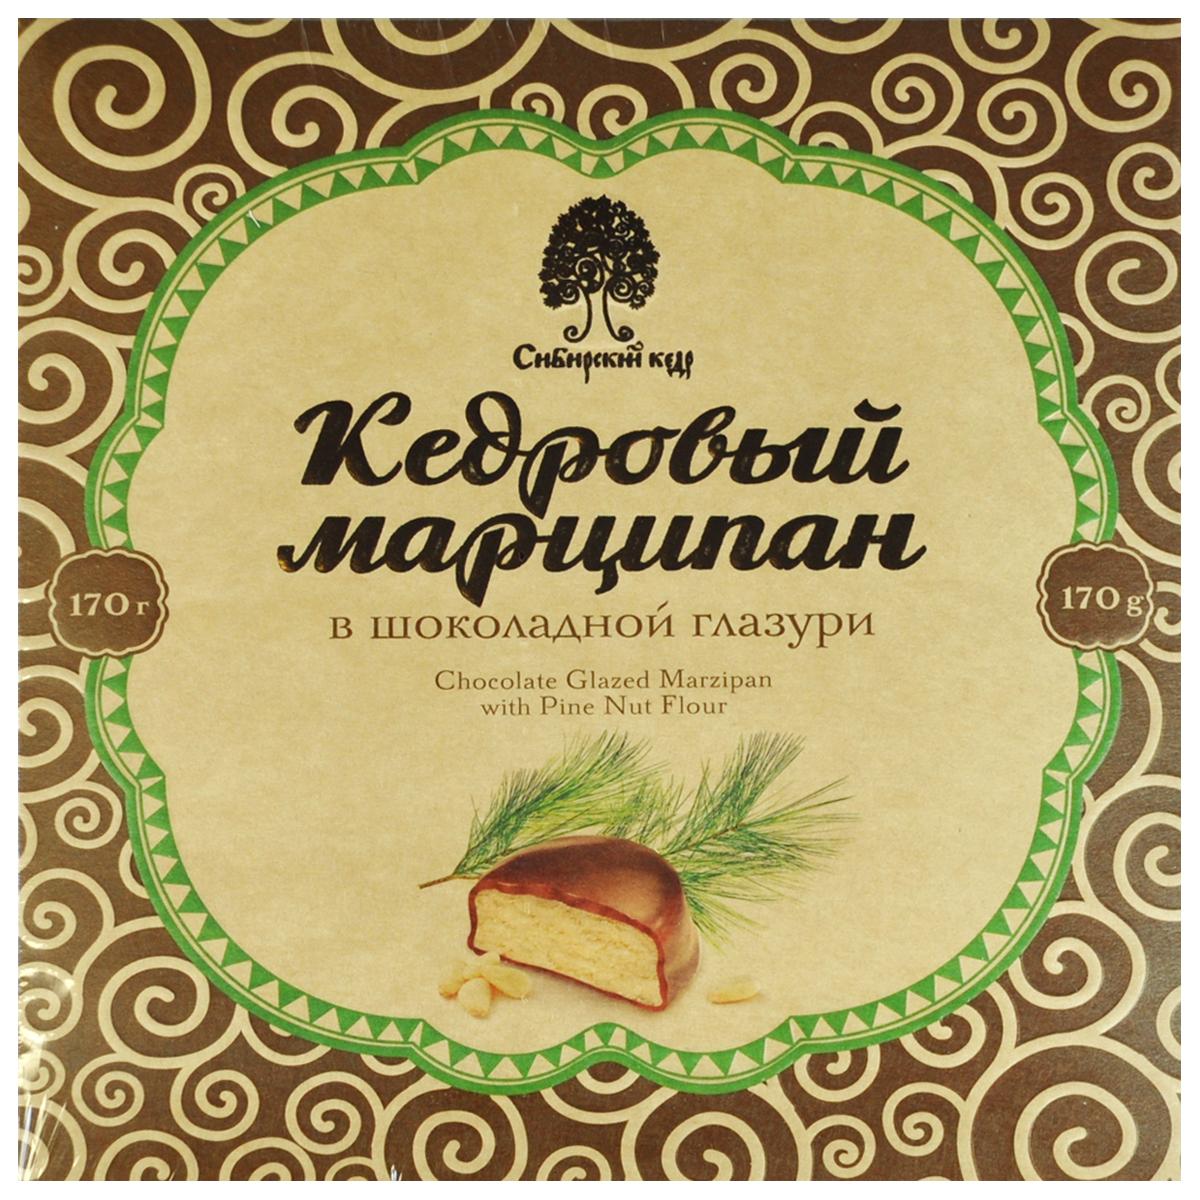 Сибирский Кедр конфеты марципан кедровый в шоколадной глазури, 170 г1928Конфета, состоящая из тертого ядра кедрового ореха и цельного сухого молока, в нежной шоколадной глазури. Пикантный вкус и яркое послевкусие удивят истинных ценителей сладостей.Уважаемые клиенты! Обращаем ваше внимание на то, что упаковка может иметь несколько видов дизайна. Поставка осуществляется в зависимости от наличия на складе.